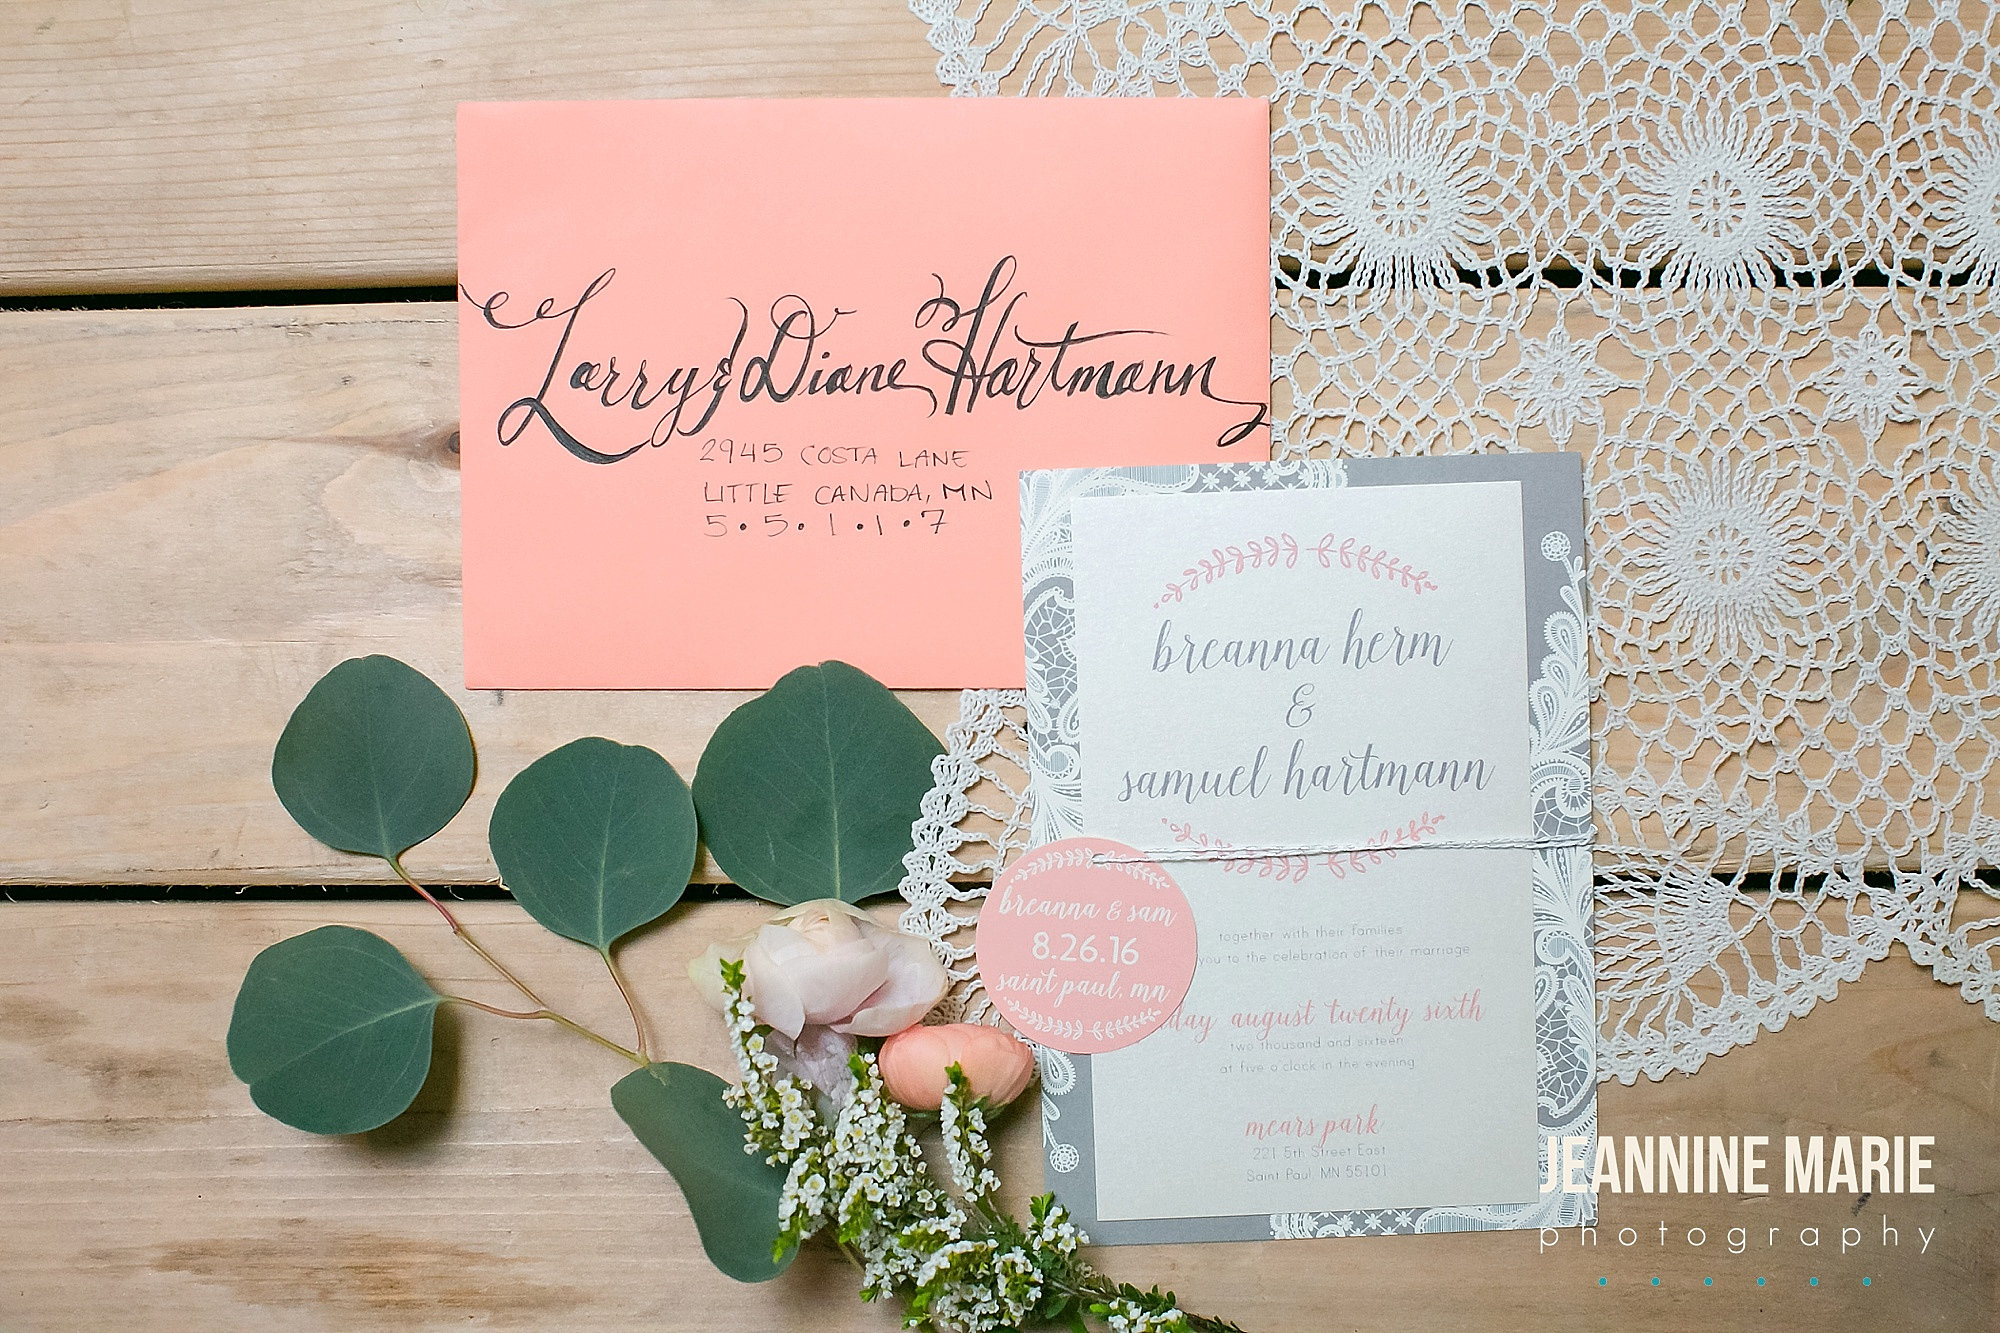 kristina designz wedding invitations designer in minneapolis mn - When Do Wedding Invites Go Out